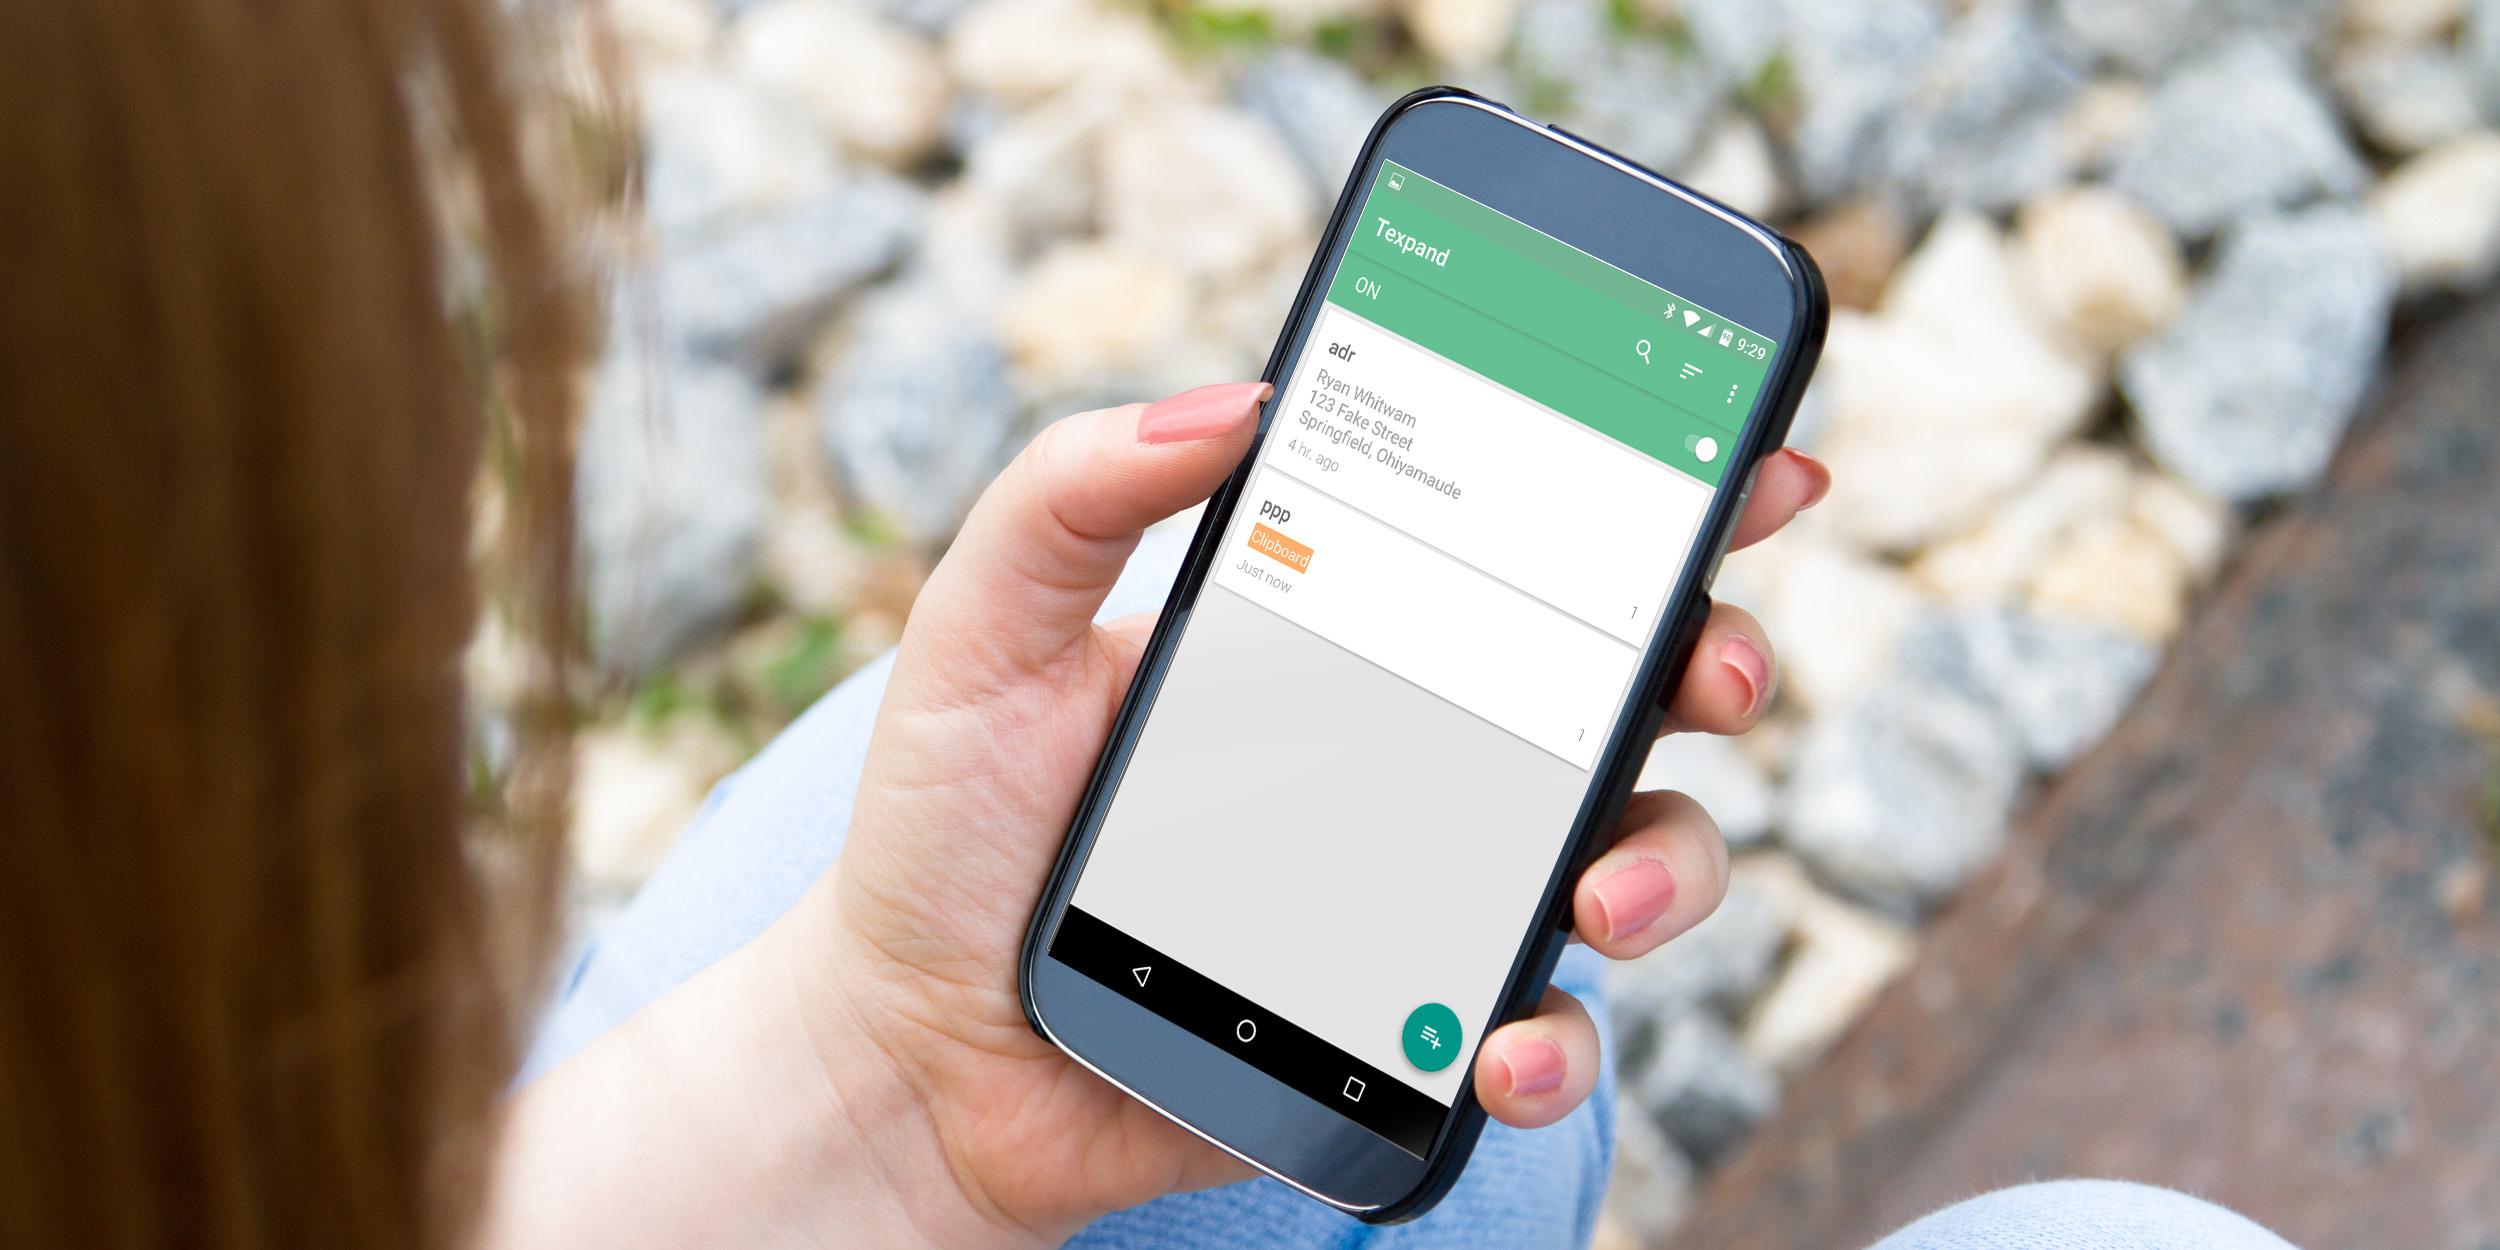 как настроить быстрый набор на андроиде 8 банки которые дают кредит с плохой кредитной историей и просрочками челябинск